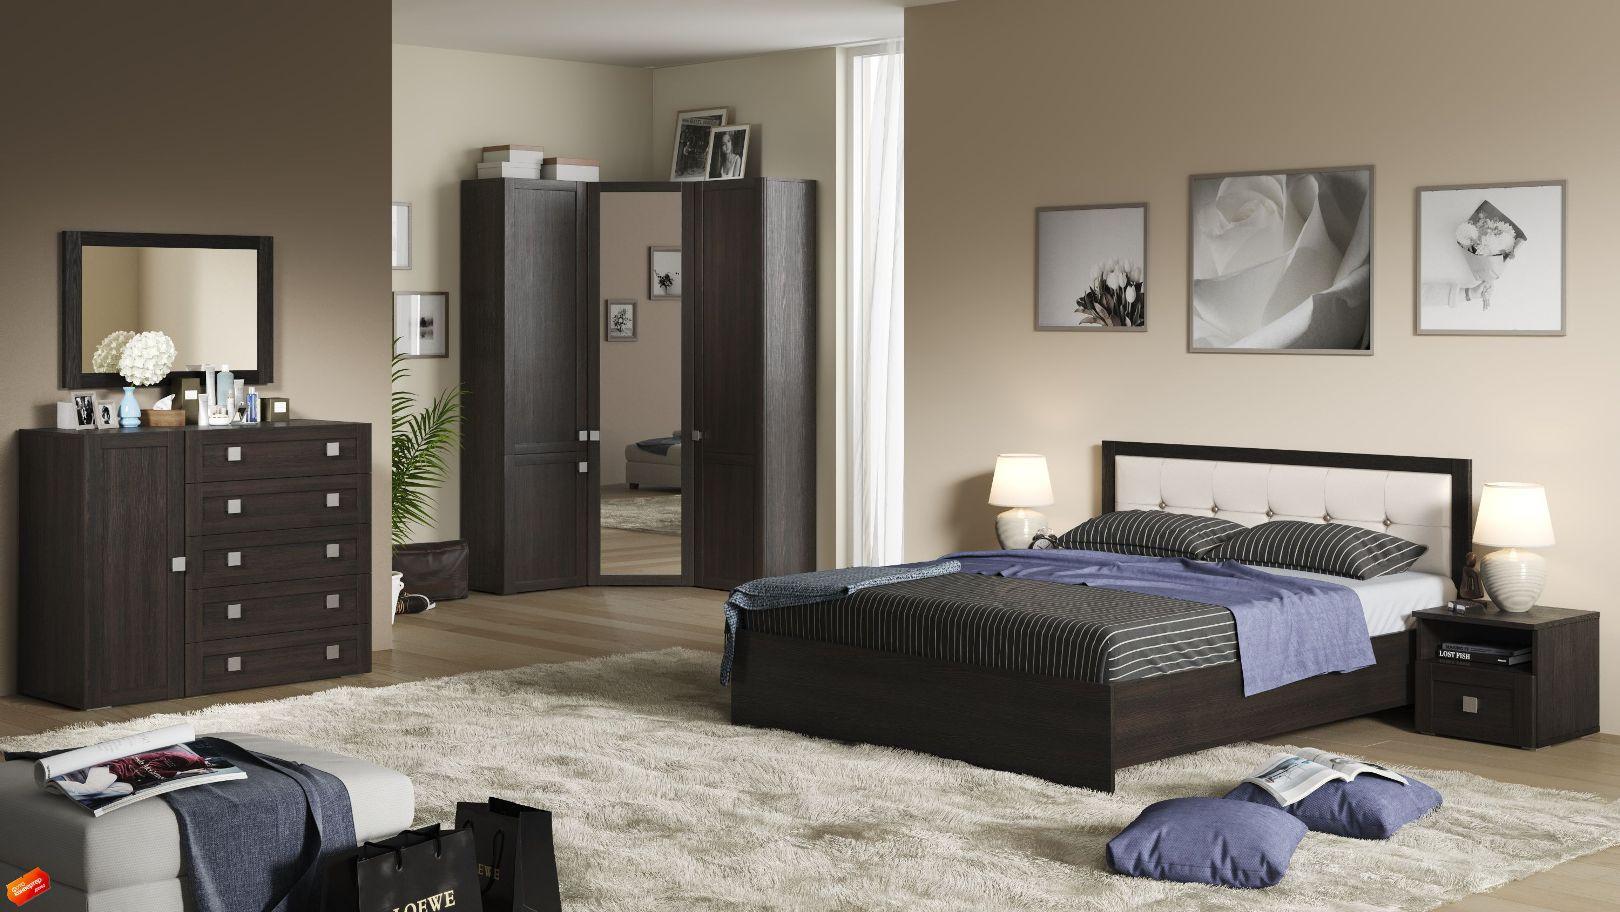 Модульная спальня Корсика Композиция-3 спальня модульная диван ру прованс 3